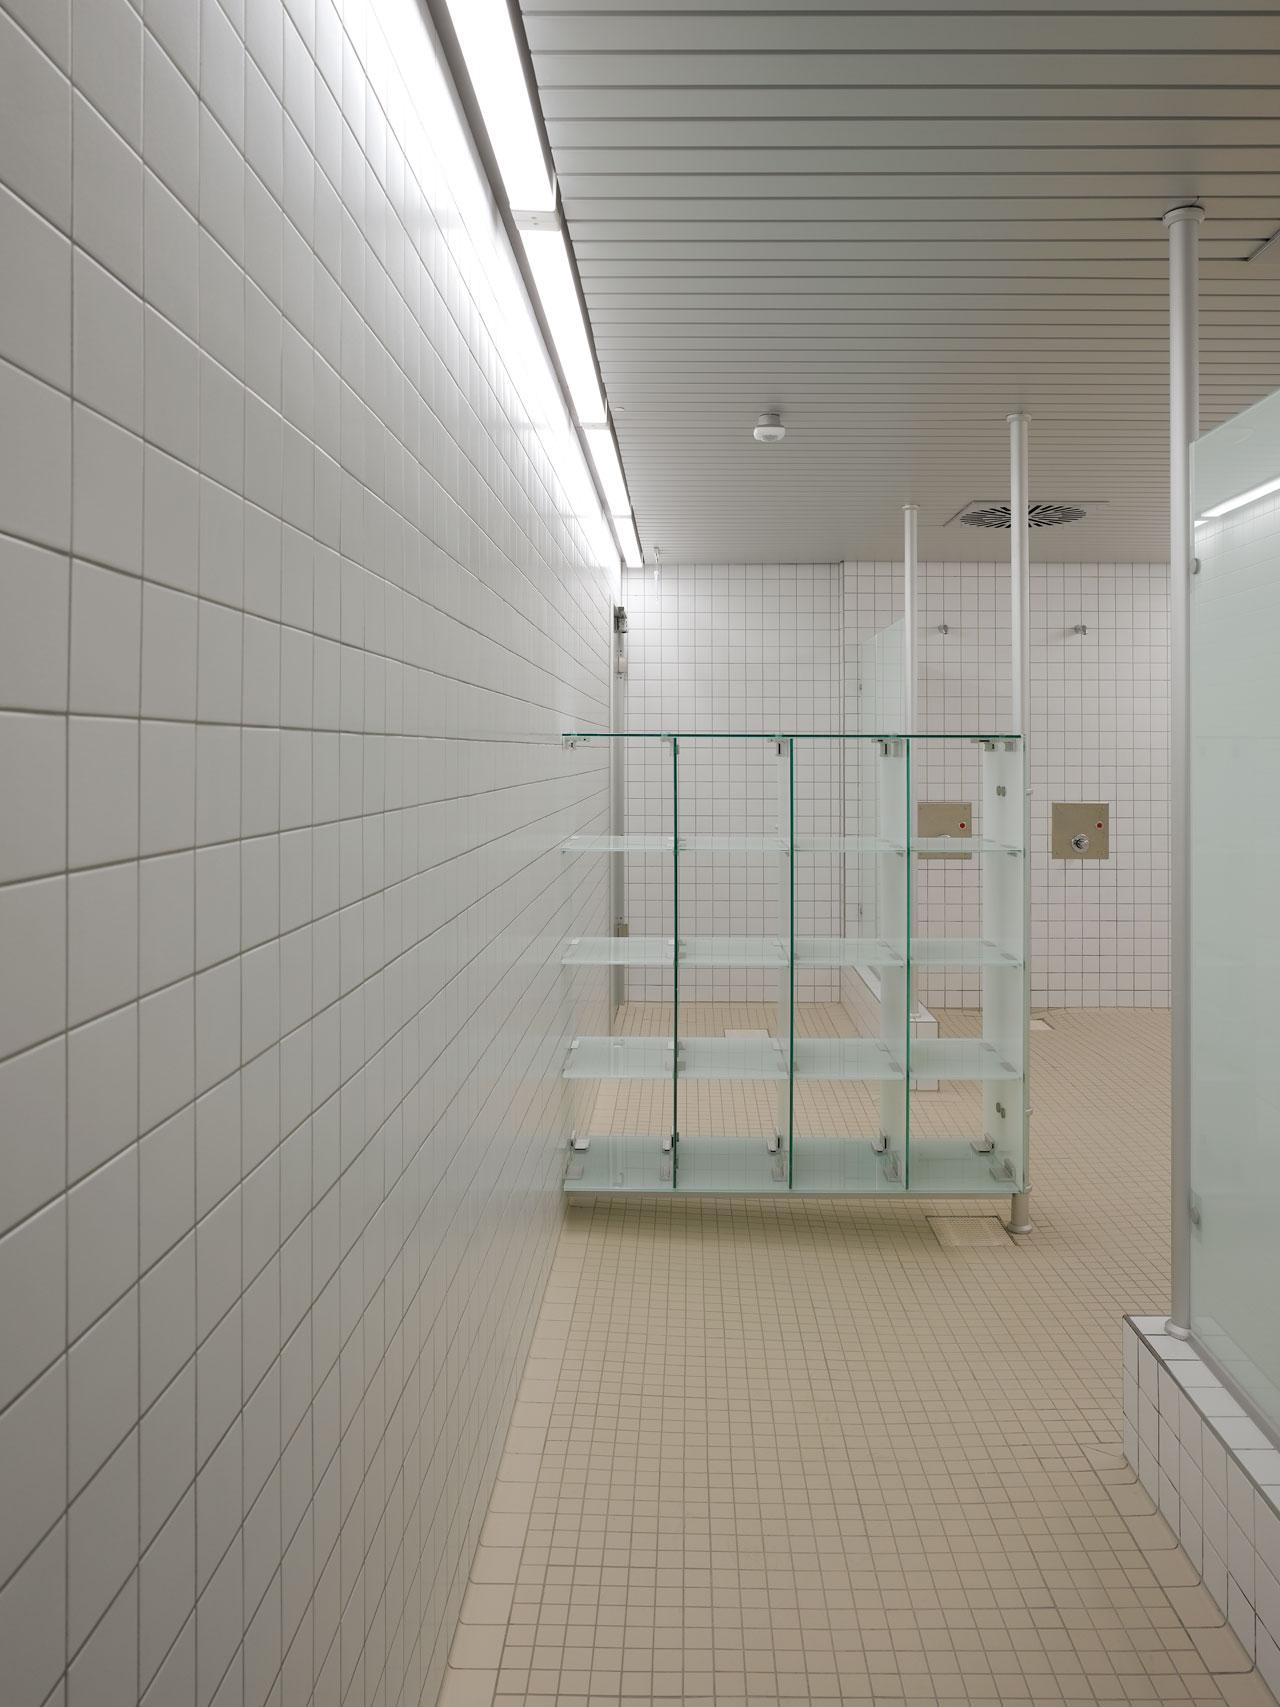 Neubau Duschen